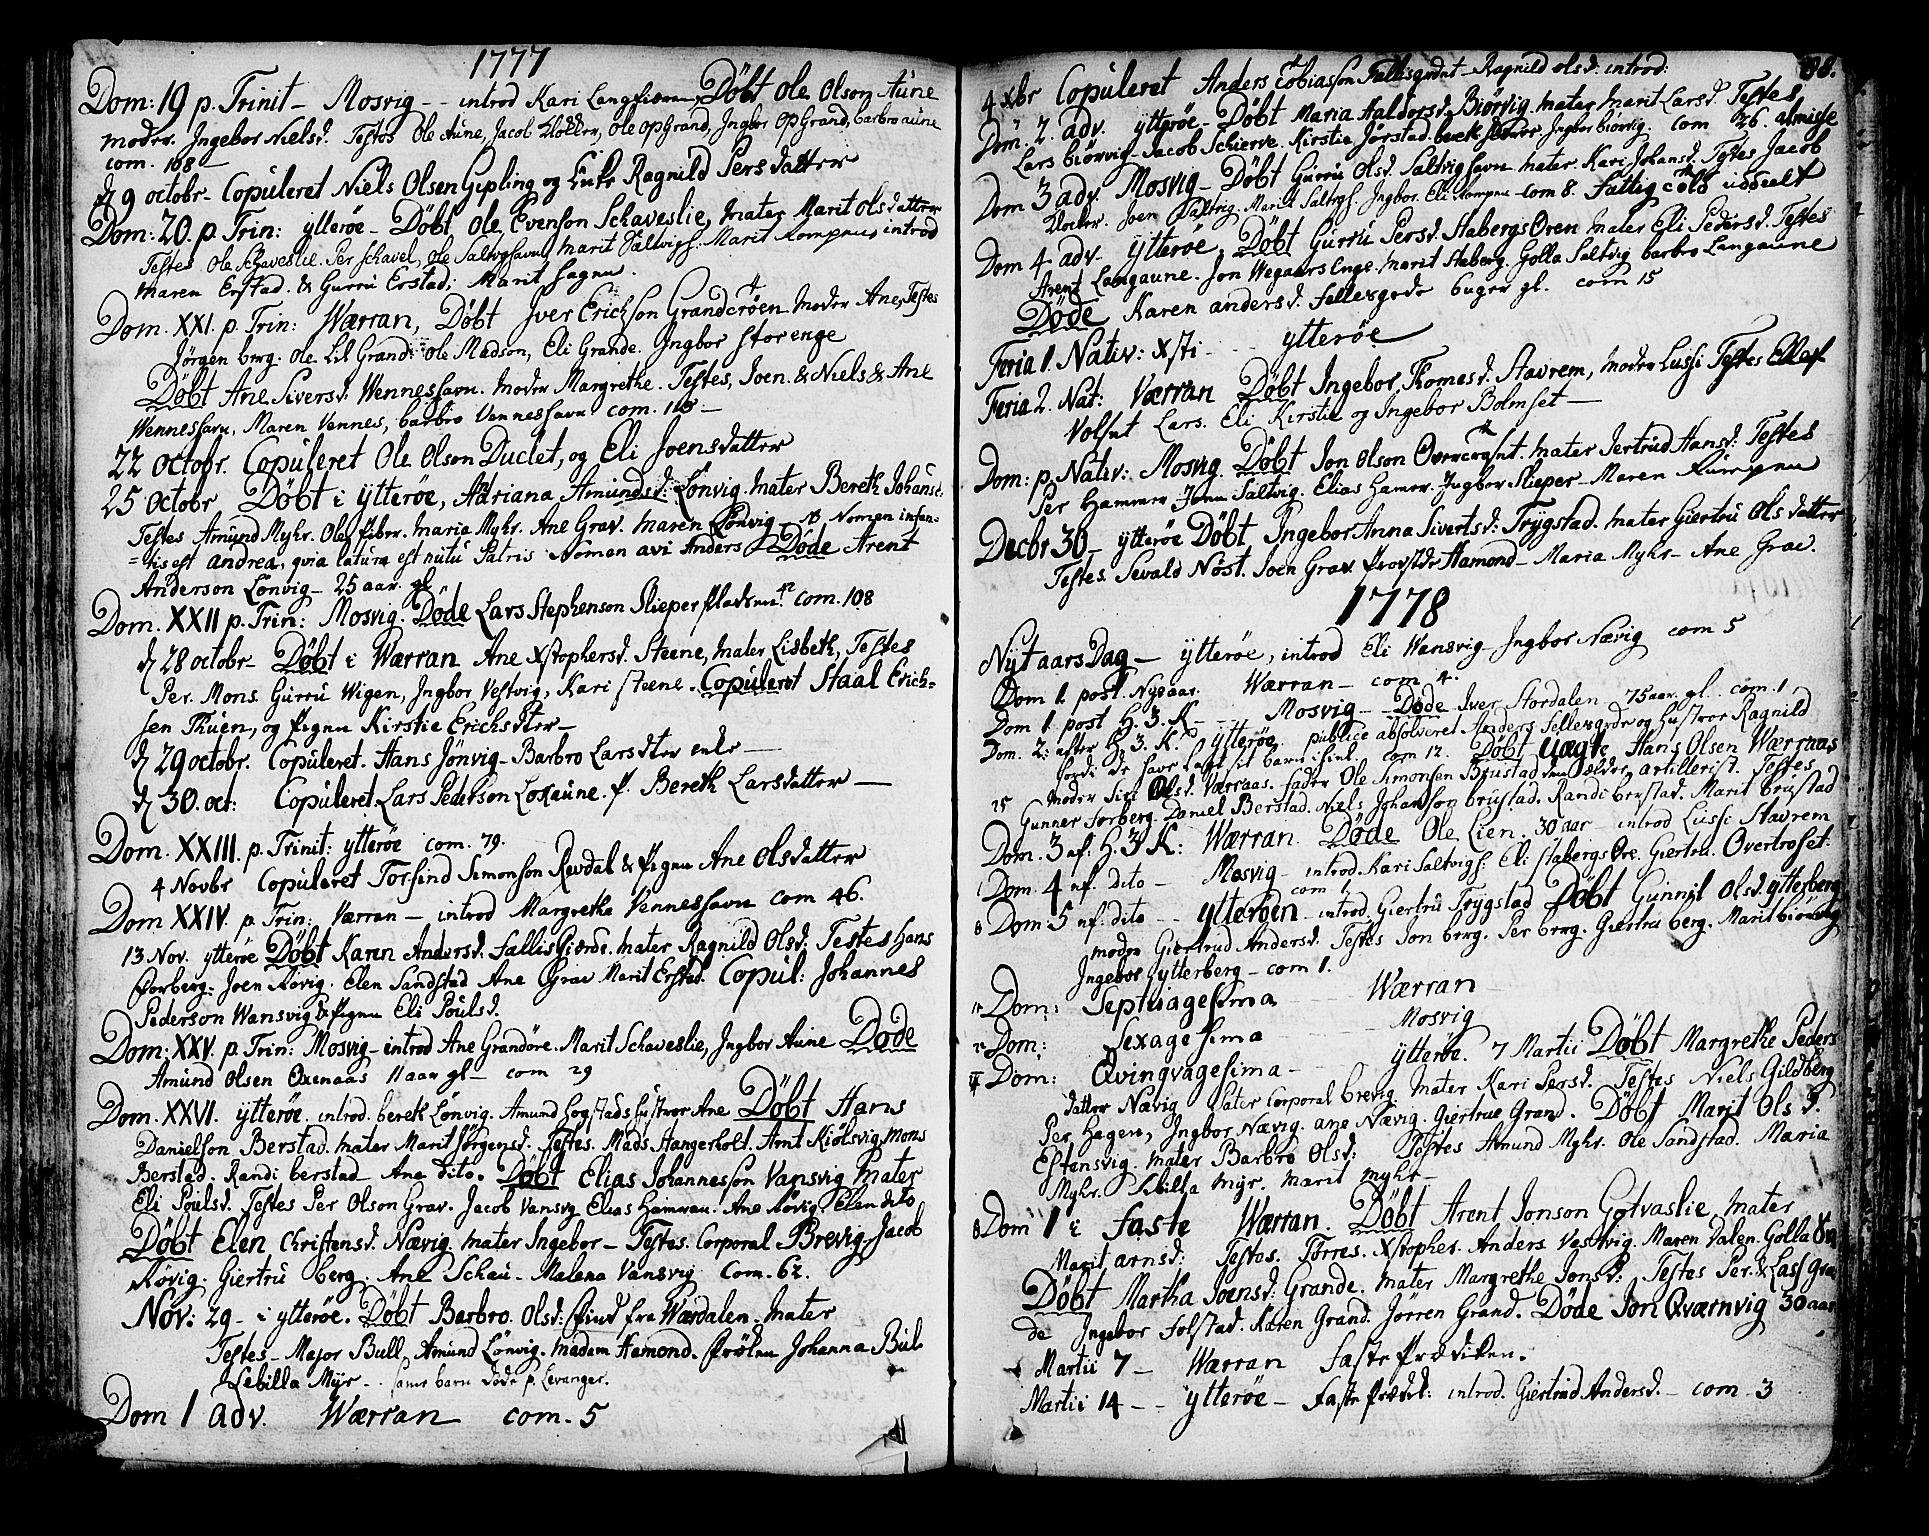 SAT, Ministerialprotokoller, klokkerbøker og fødselsregistre - Nord-Trøndelag, 722/L0216: Ministerialbok nr. 722A03, 1756-1816, s. 88